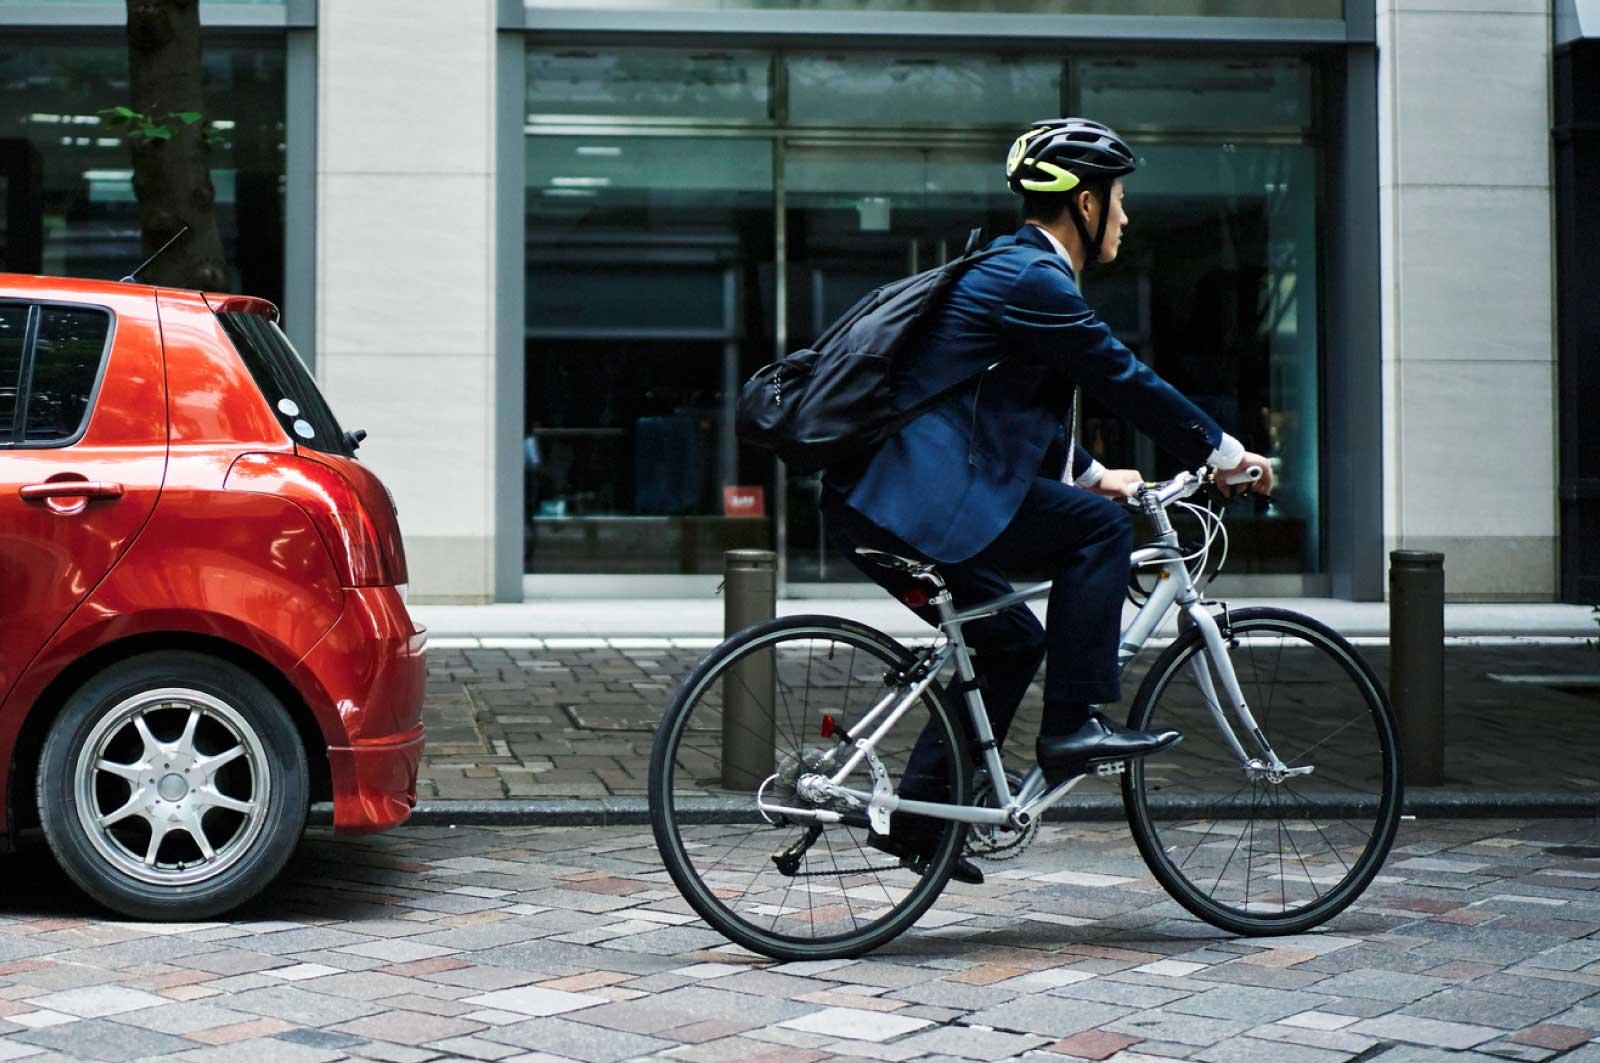 クロスバイクを購入する時にはある程度の初期費用が必要